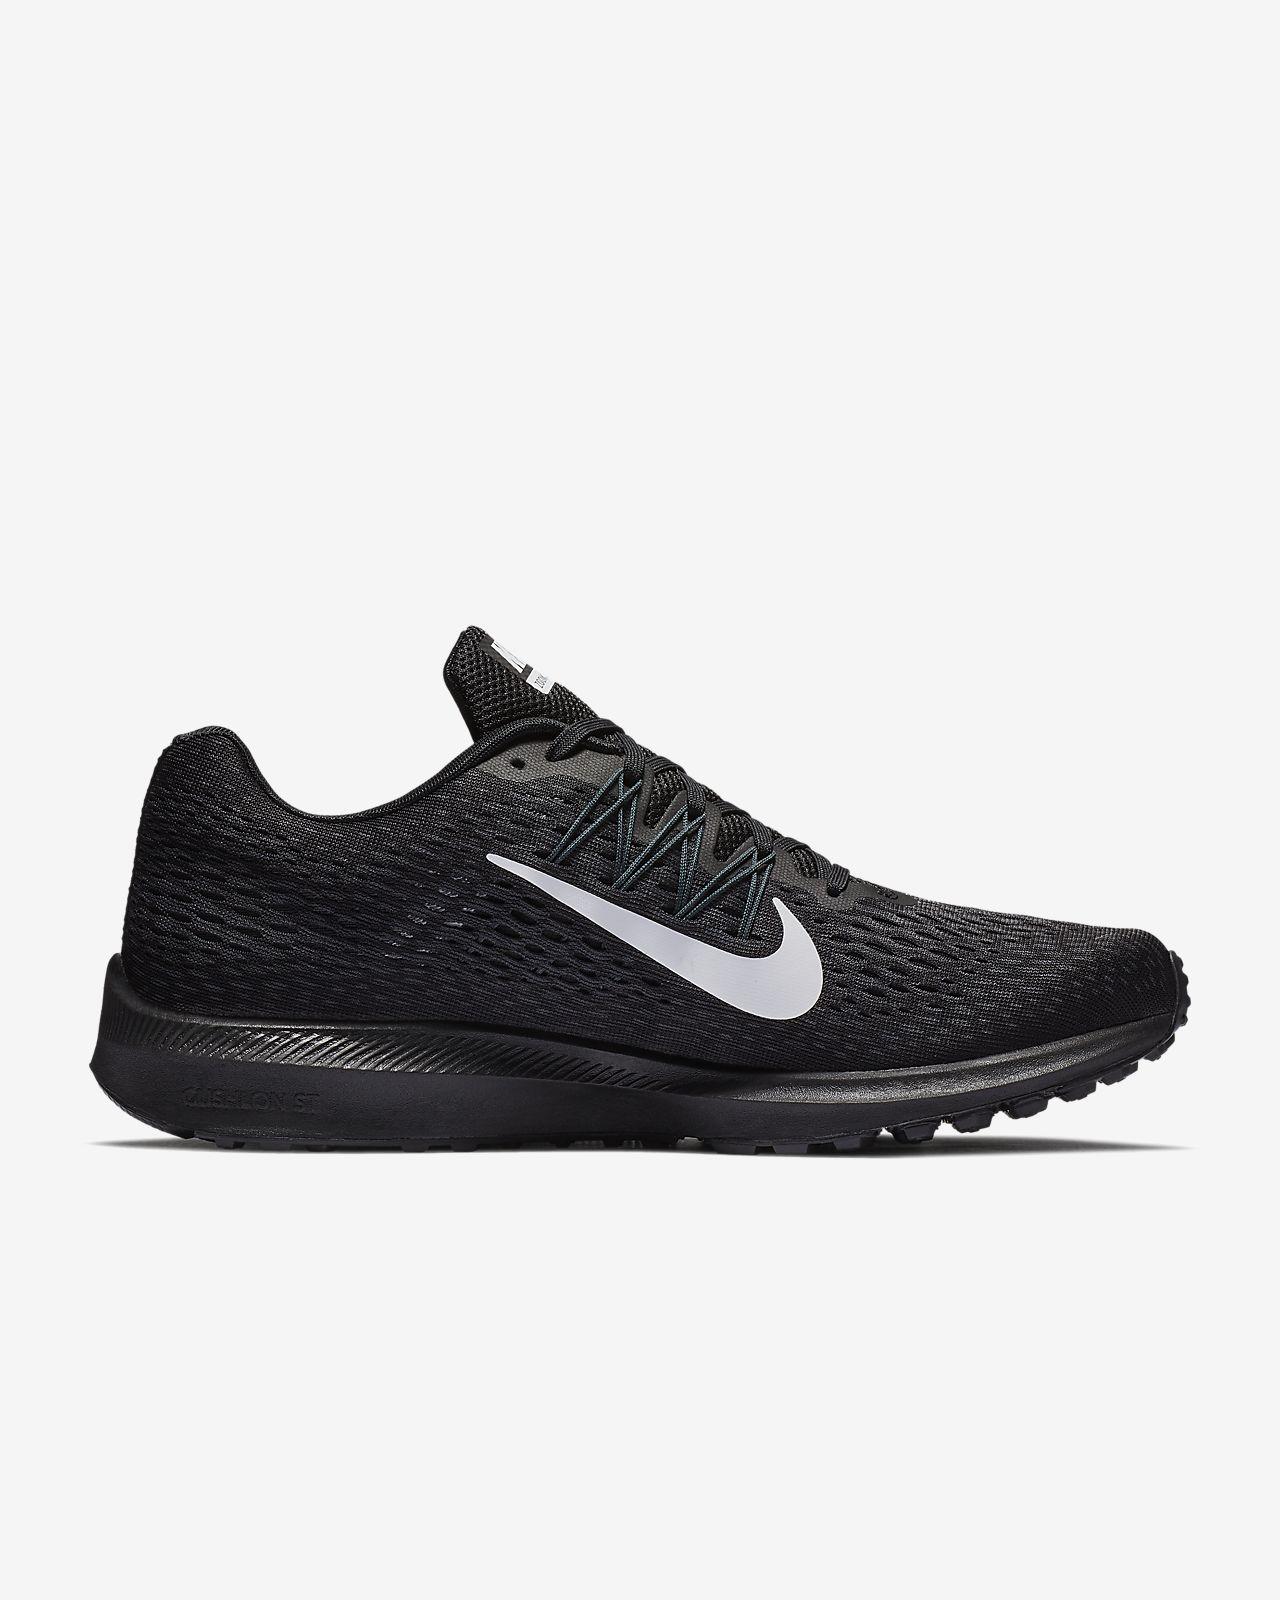 size 40 883d1 63171 ... Nike Air Zoom Winflo 5-løbesko til mænd